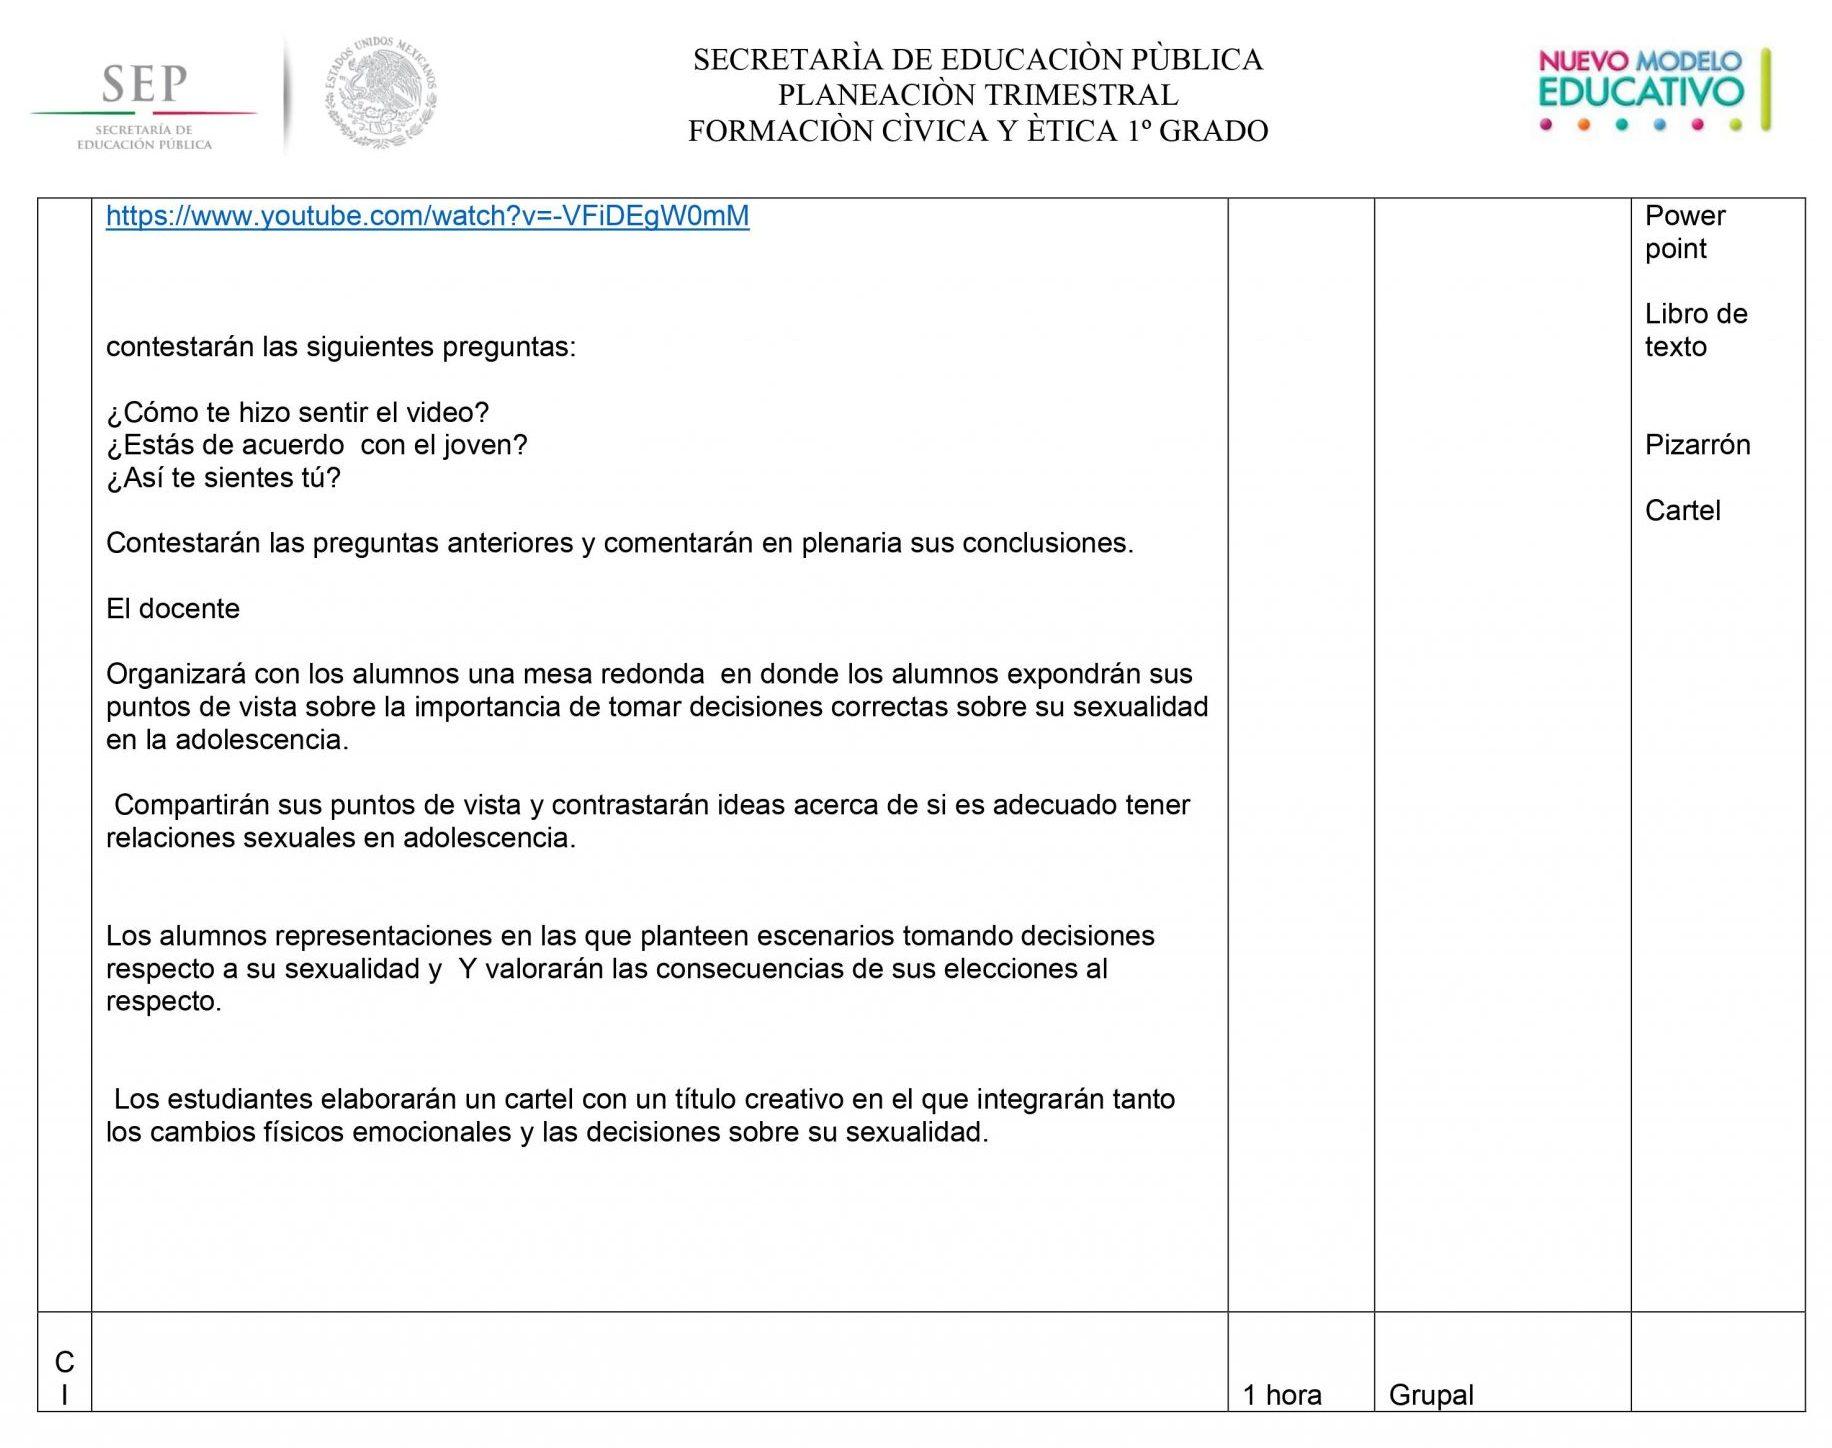 Planeaciones Formacion Civica y Etica 1 Secundaria (Nuevo Modelo Educativo) 02